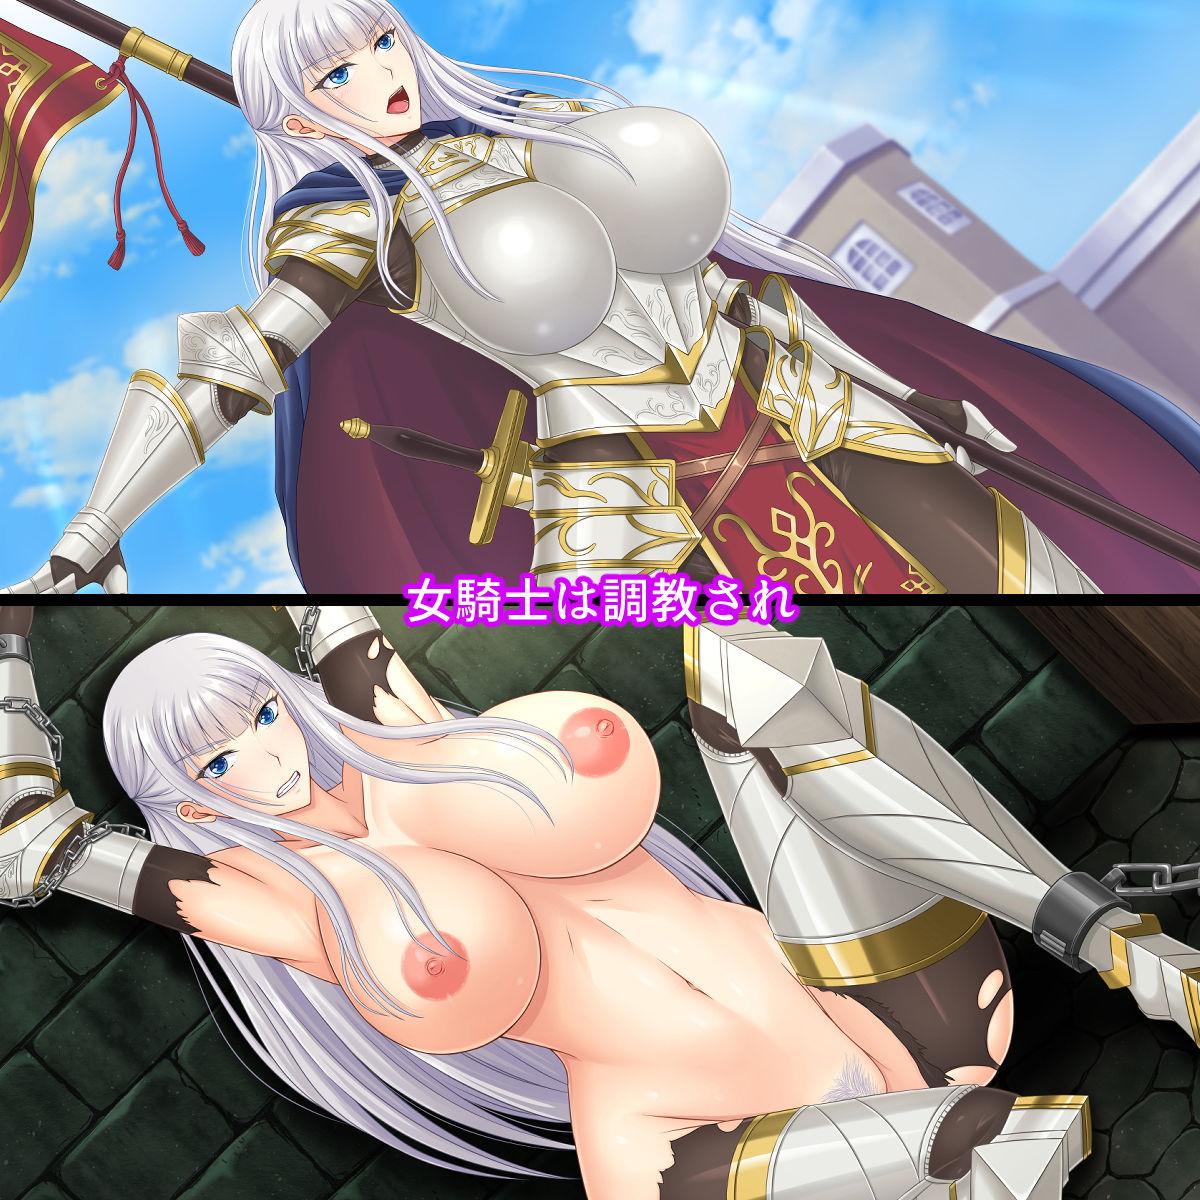 淫堕の女騎士~牝奴隷へと堕ちる女騎士団長~